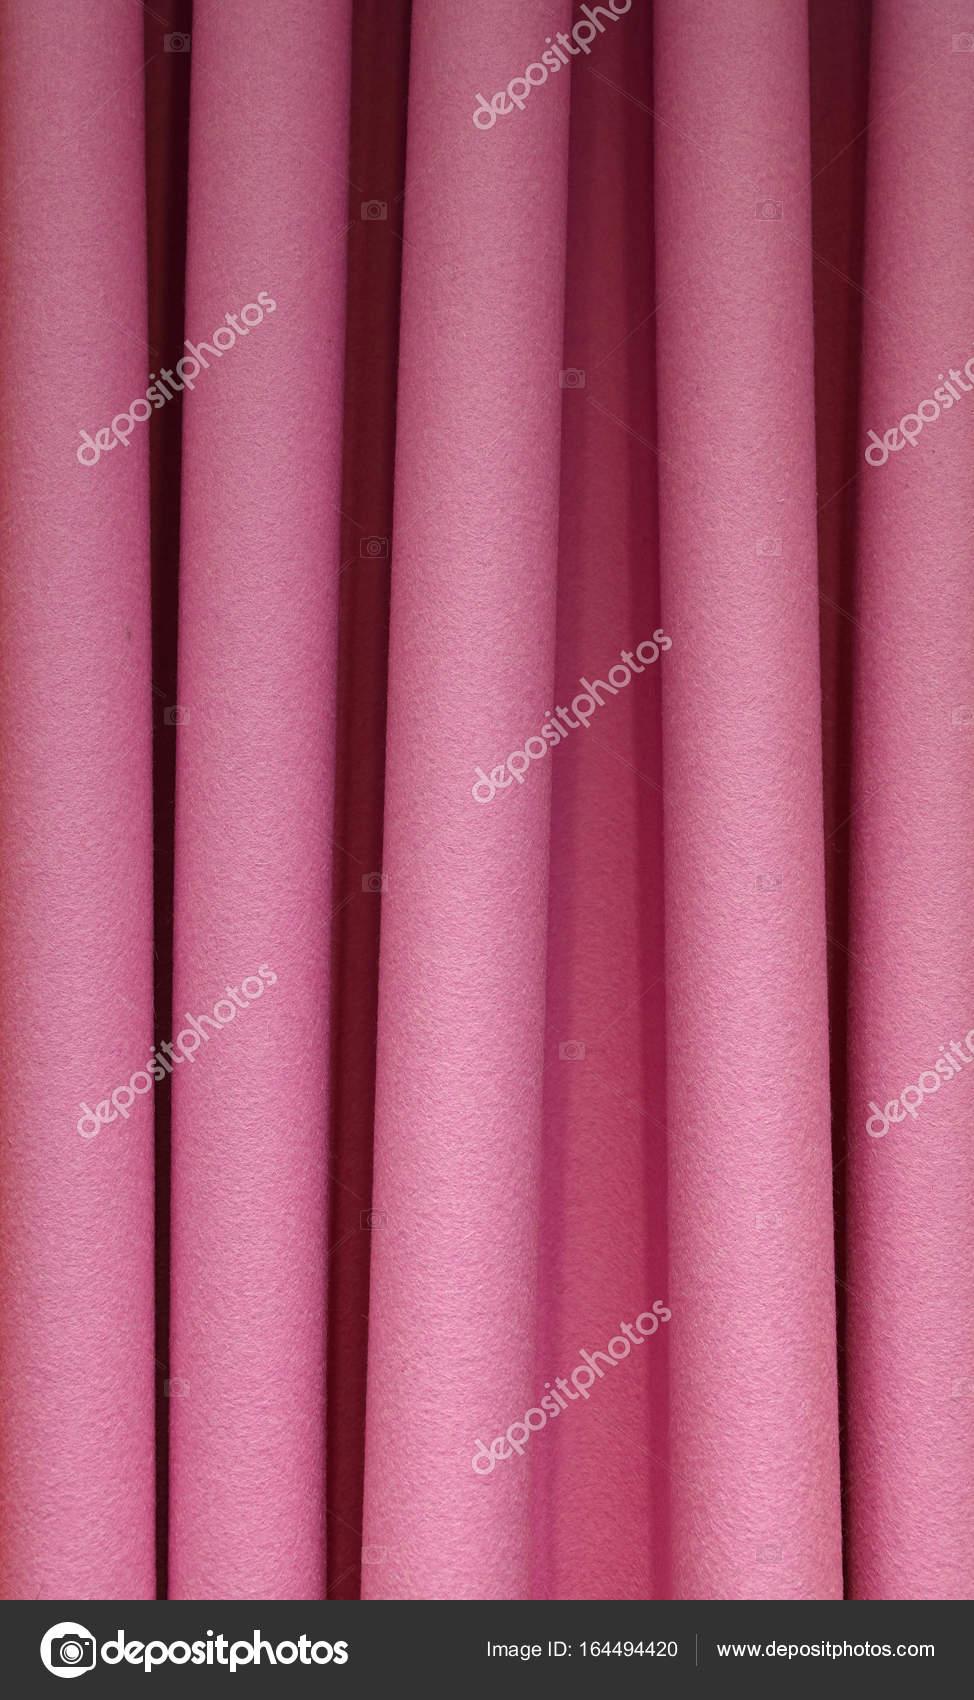 Schwere Rosa Filz Plissee Textil Vorhang Hintergrund